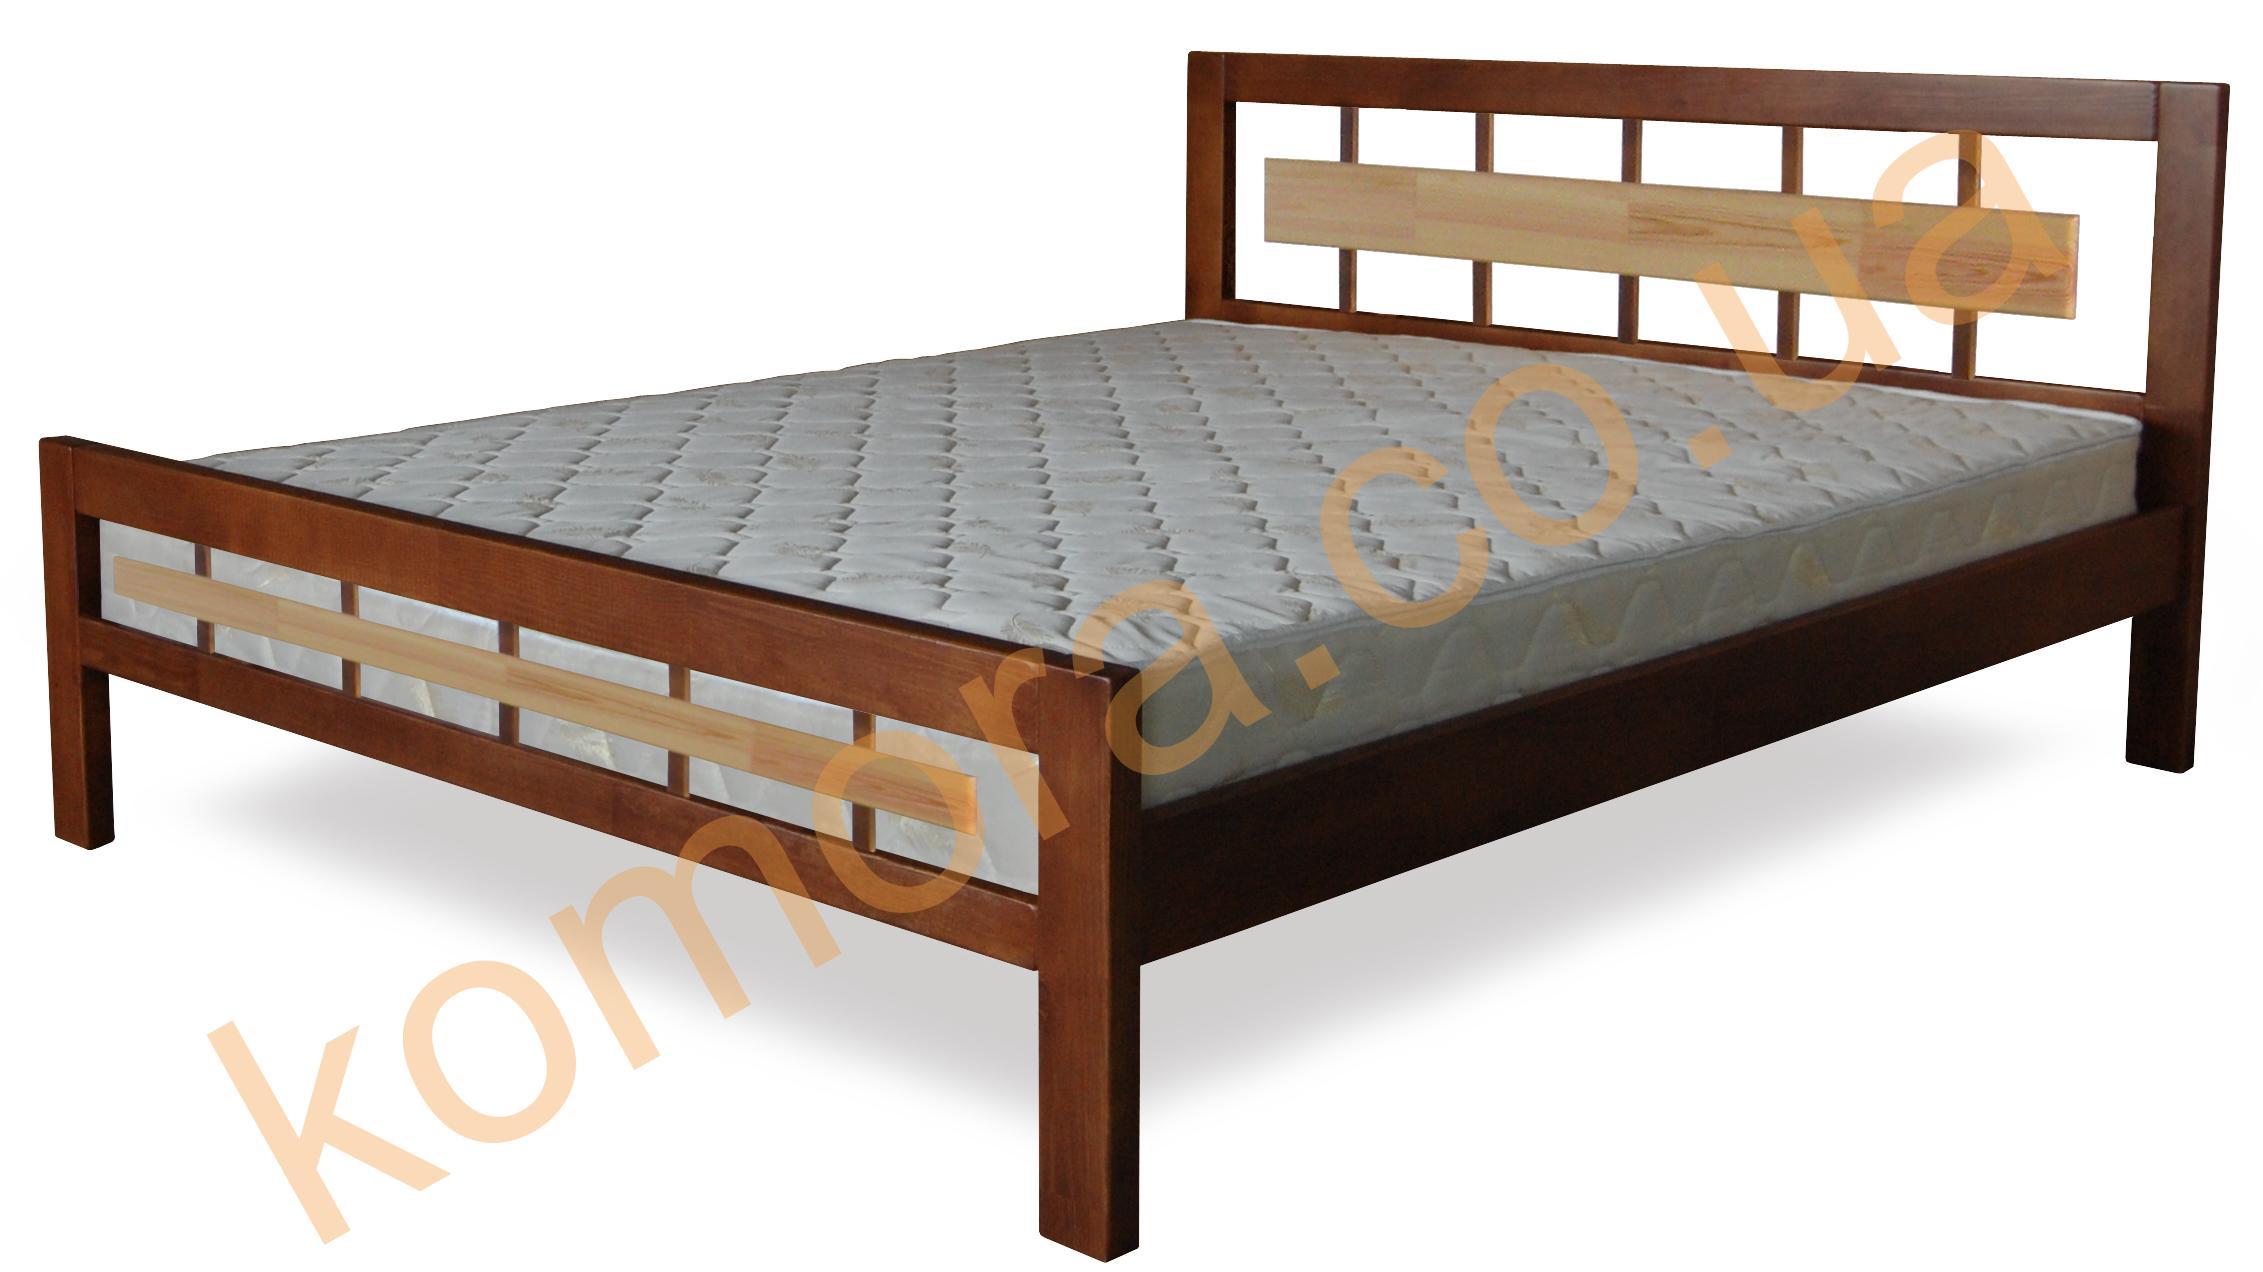 Односпальная кровать своими руками из дерева чертежи и ход работы